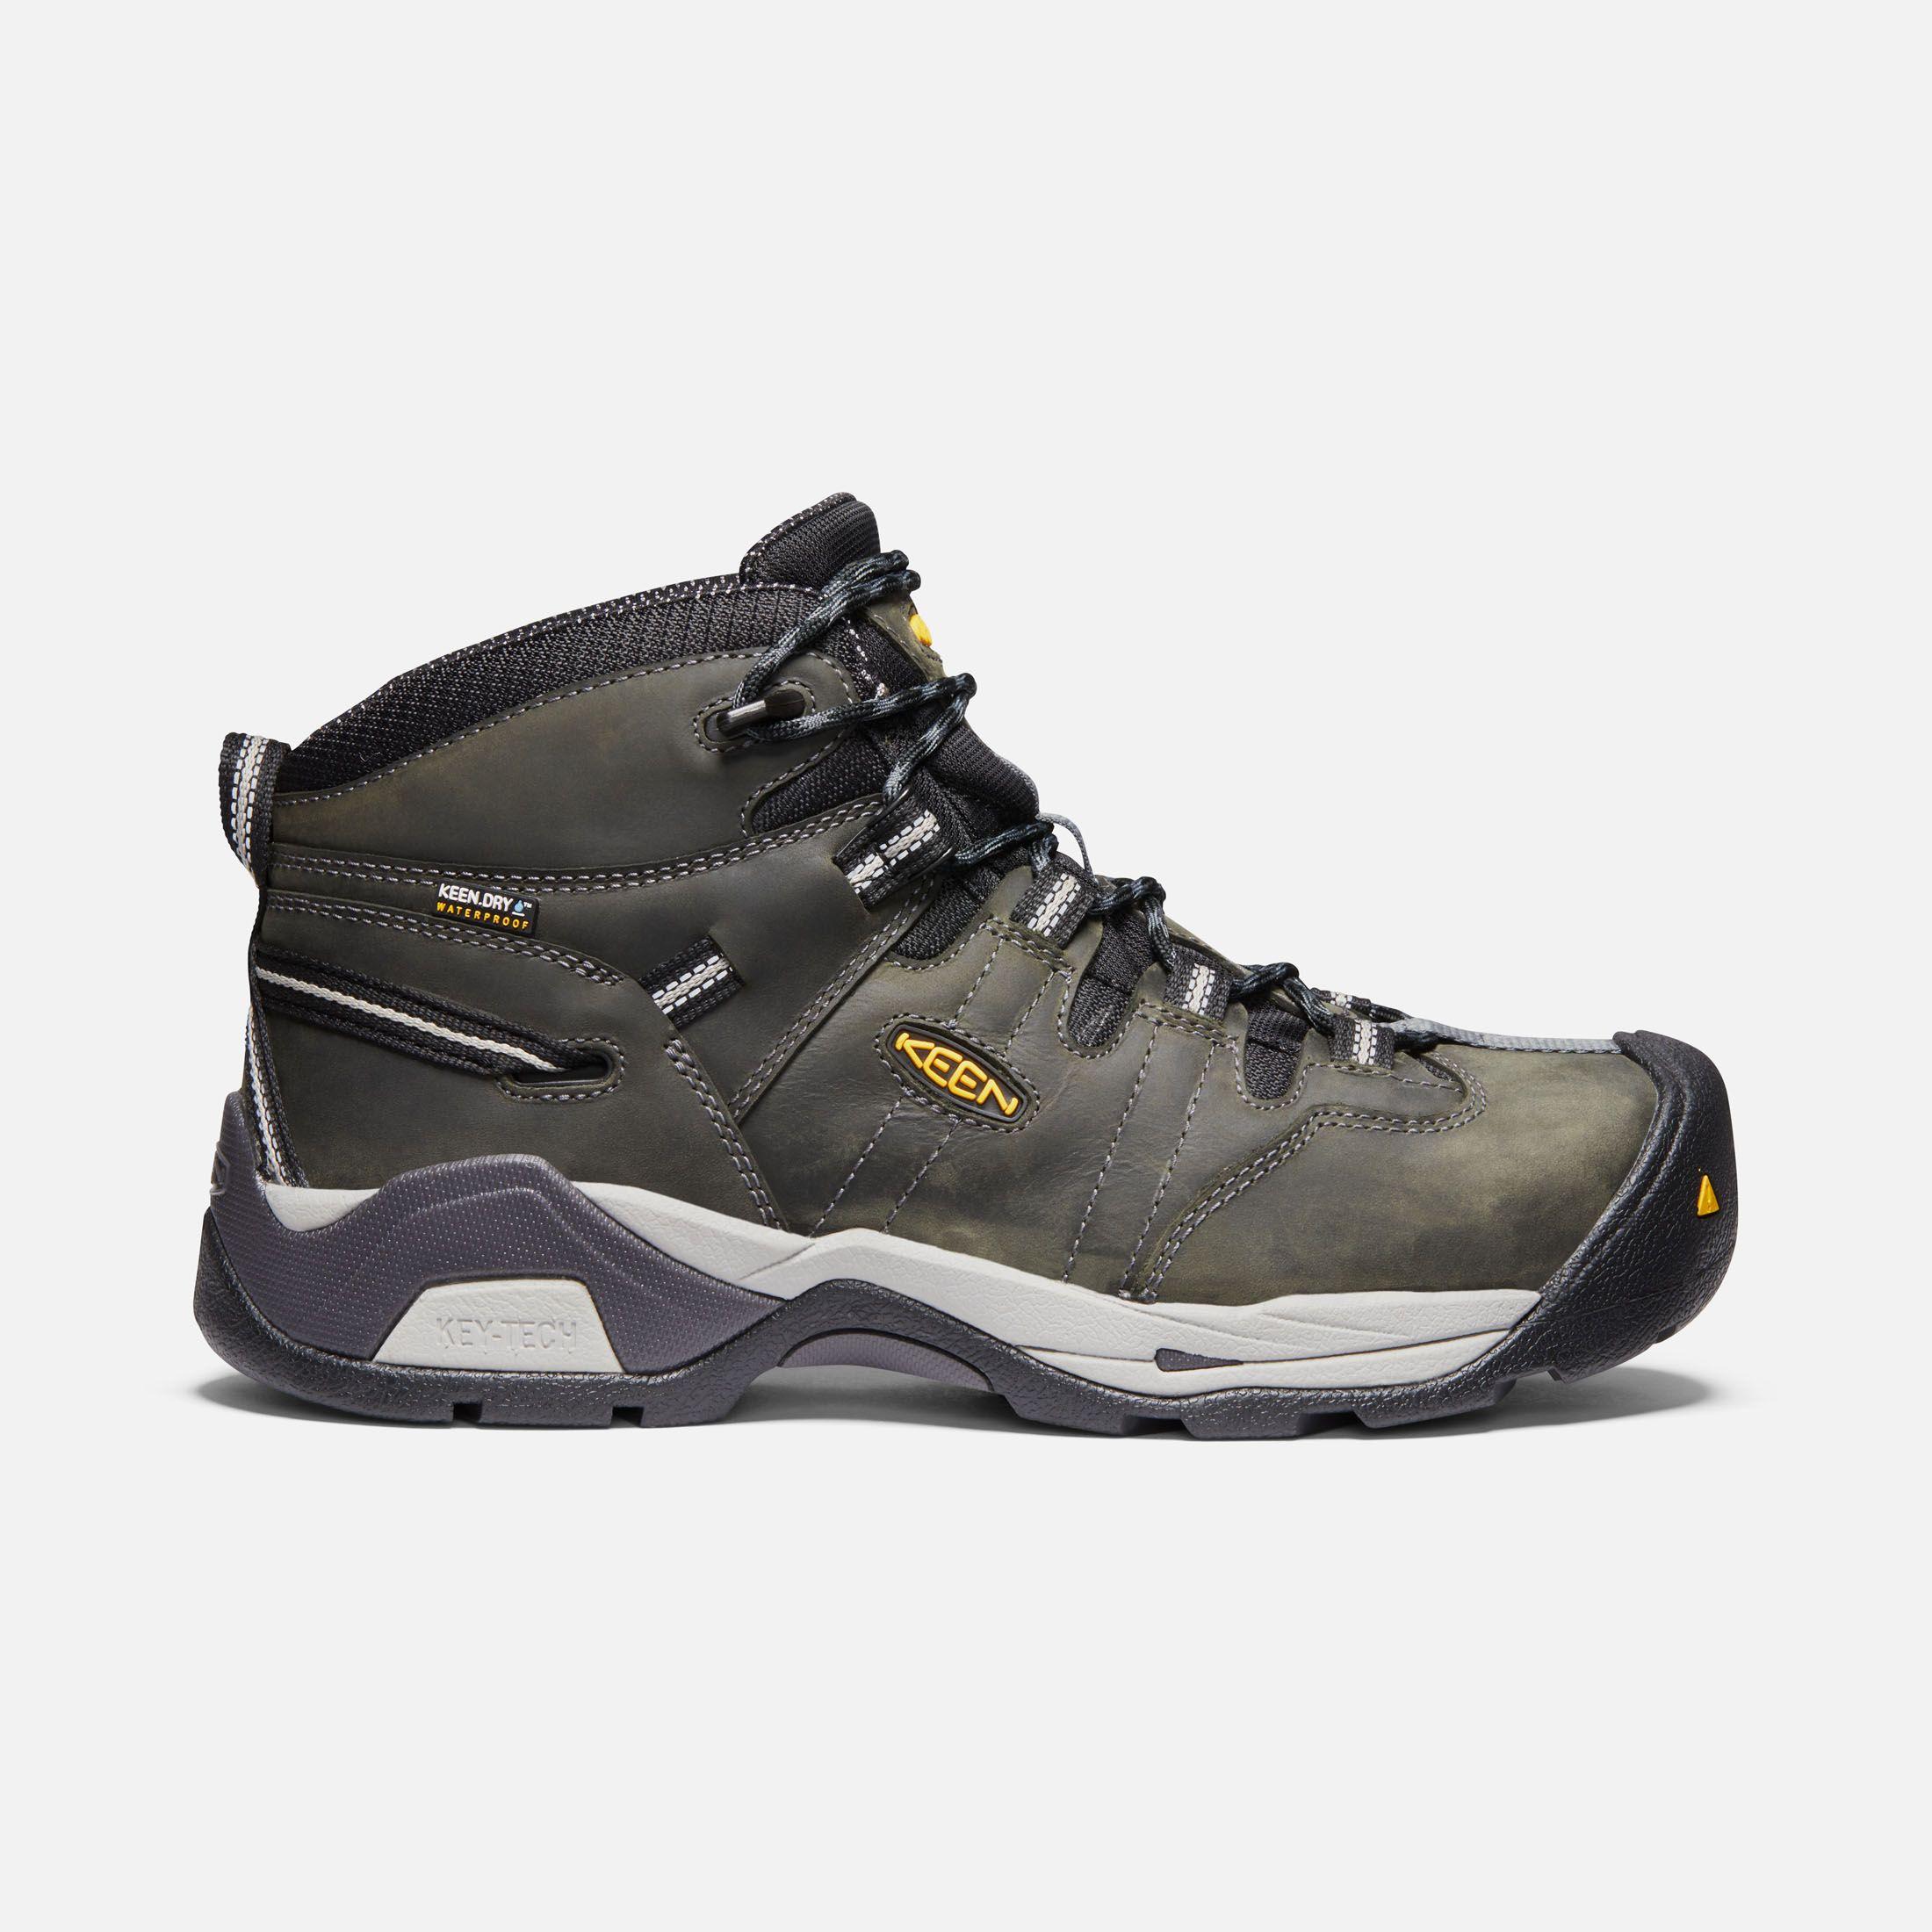 Keen Men's Waterproof Steel Toe Boots